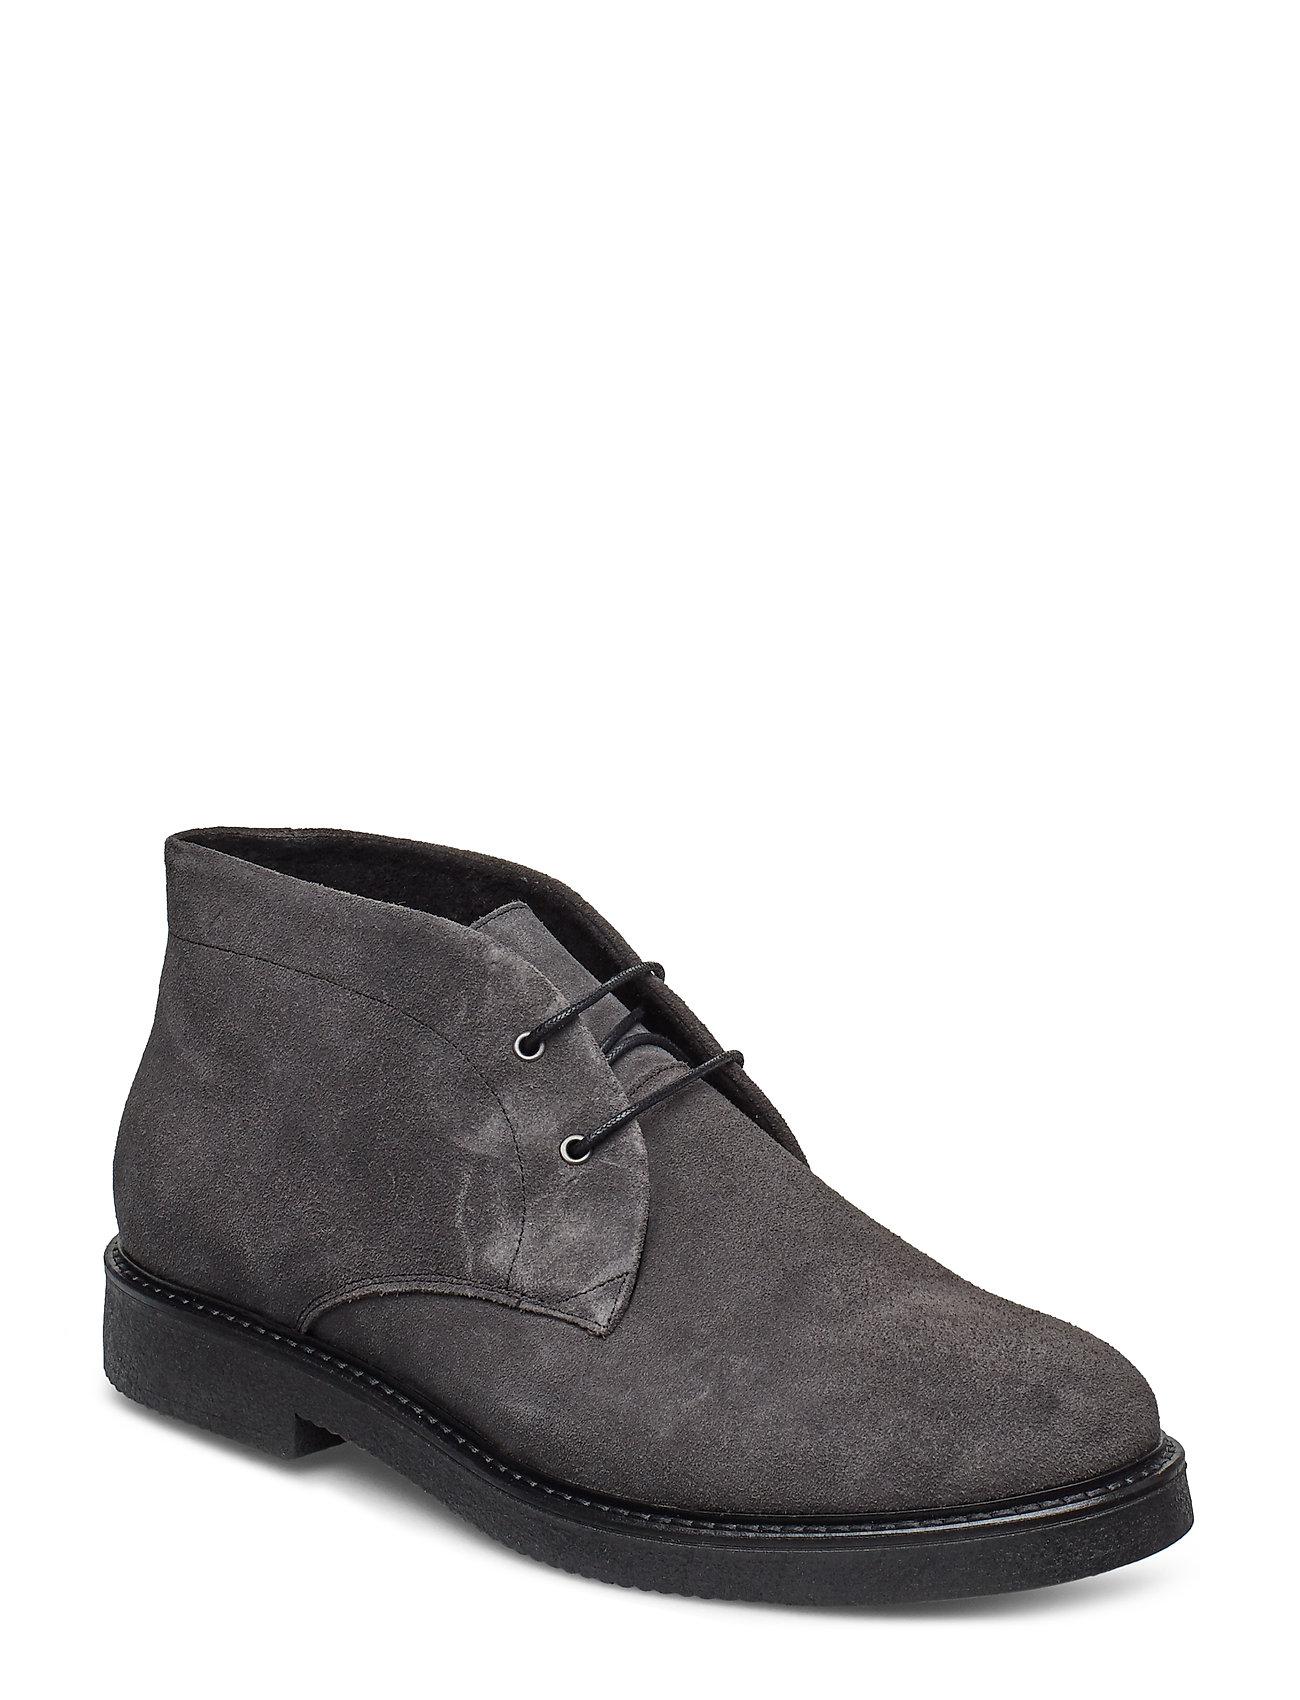 Image of Hardy S Desert Boots Snøresko Grå Shoe The Bear (3406182797)